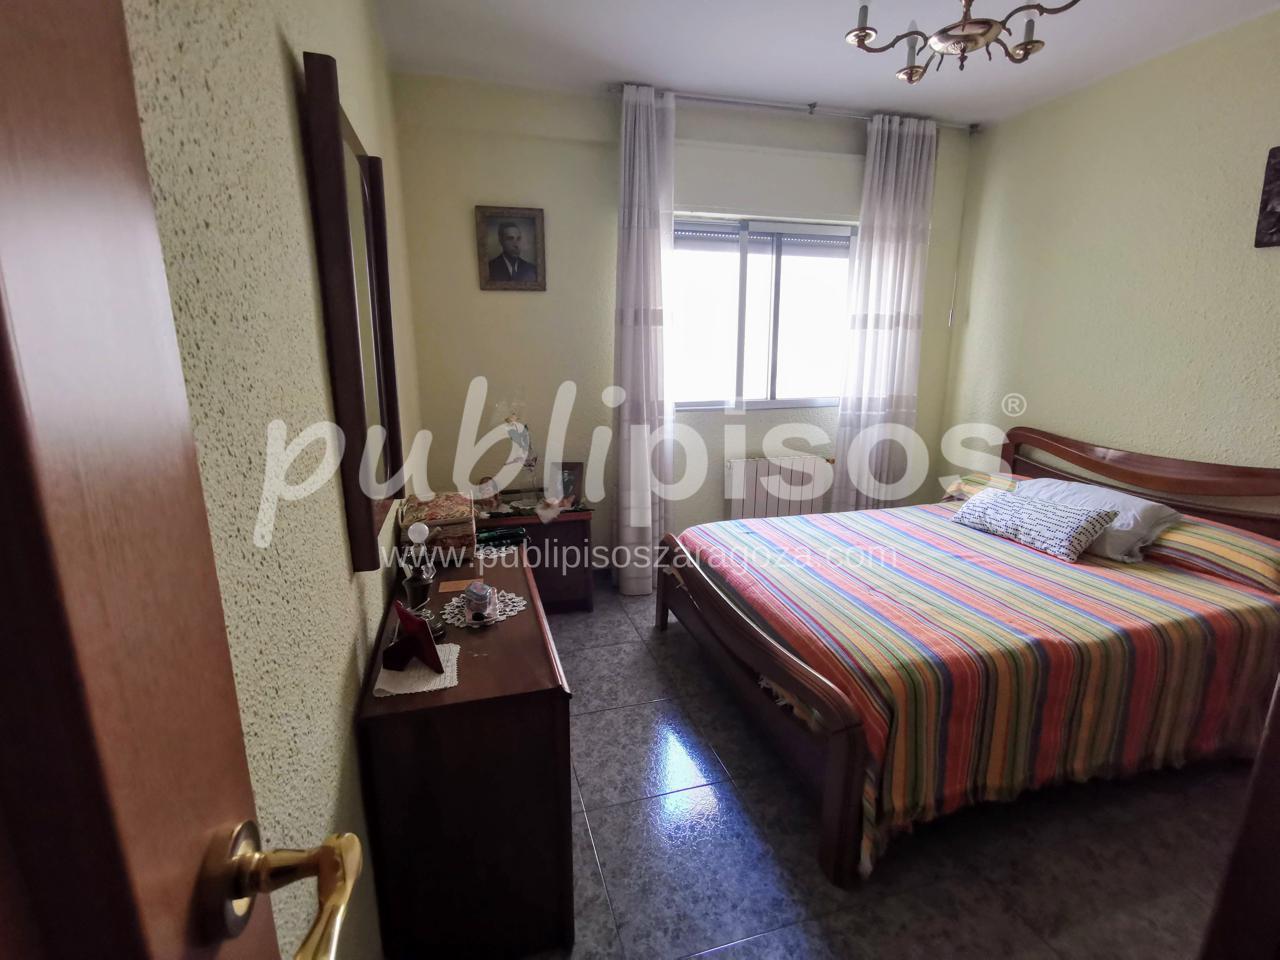 Venta piso OCASION junto Plaza Mozart y Avda Cataluña-9